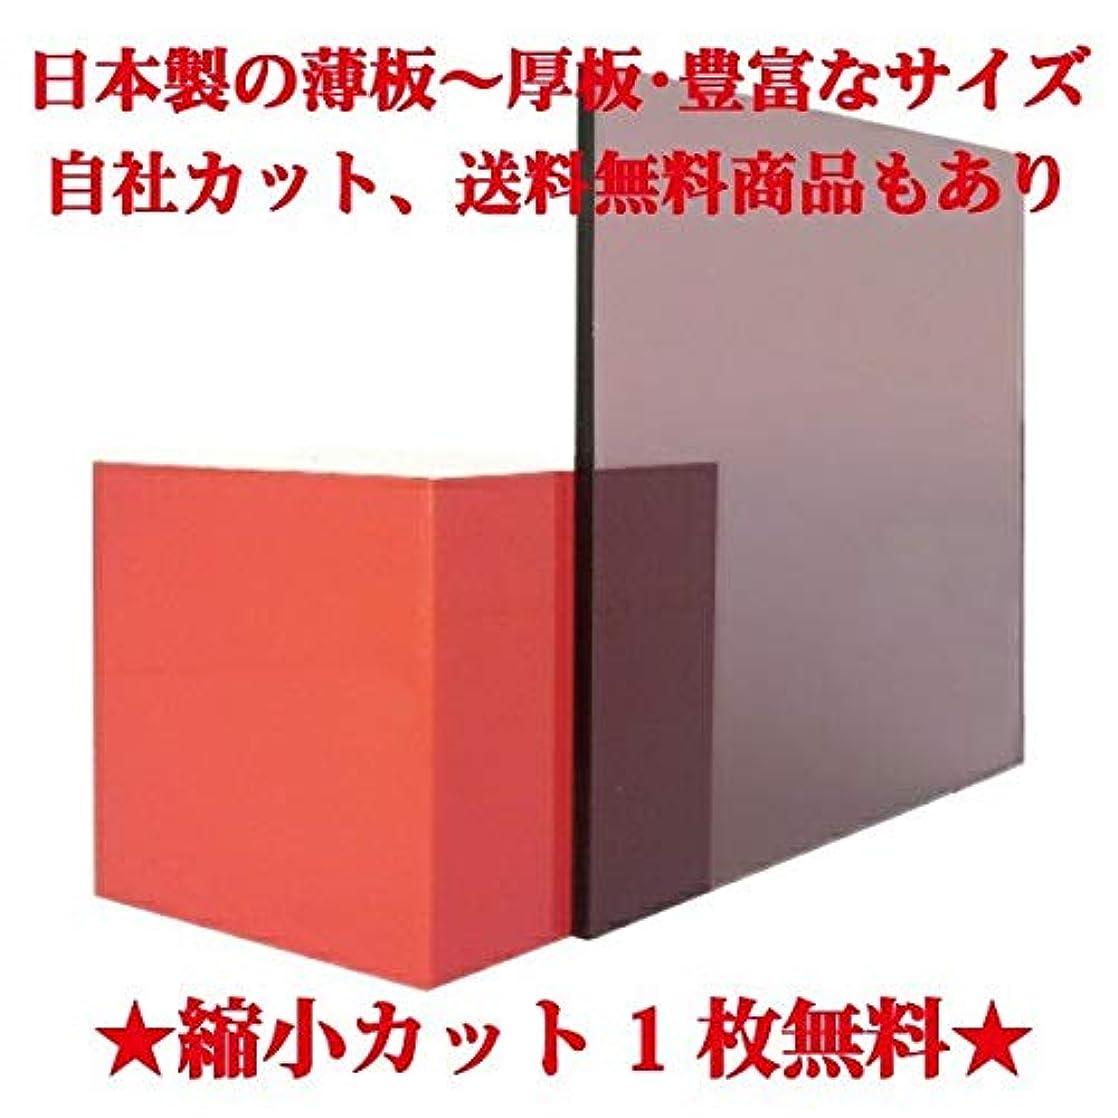 こっそり軸地下日本製 アクリル板 ブラウンスモーク(押出板) 厚み3mm 300X300mm 縮小カット1枚無料 カンナ?糸面取り仕上(エッジで手を切る事はありません)(業務用?キャンセル返品不可)